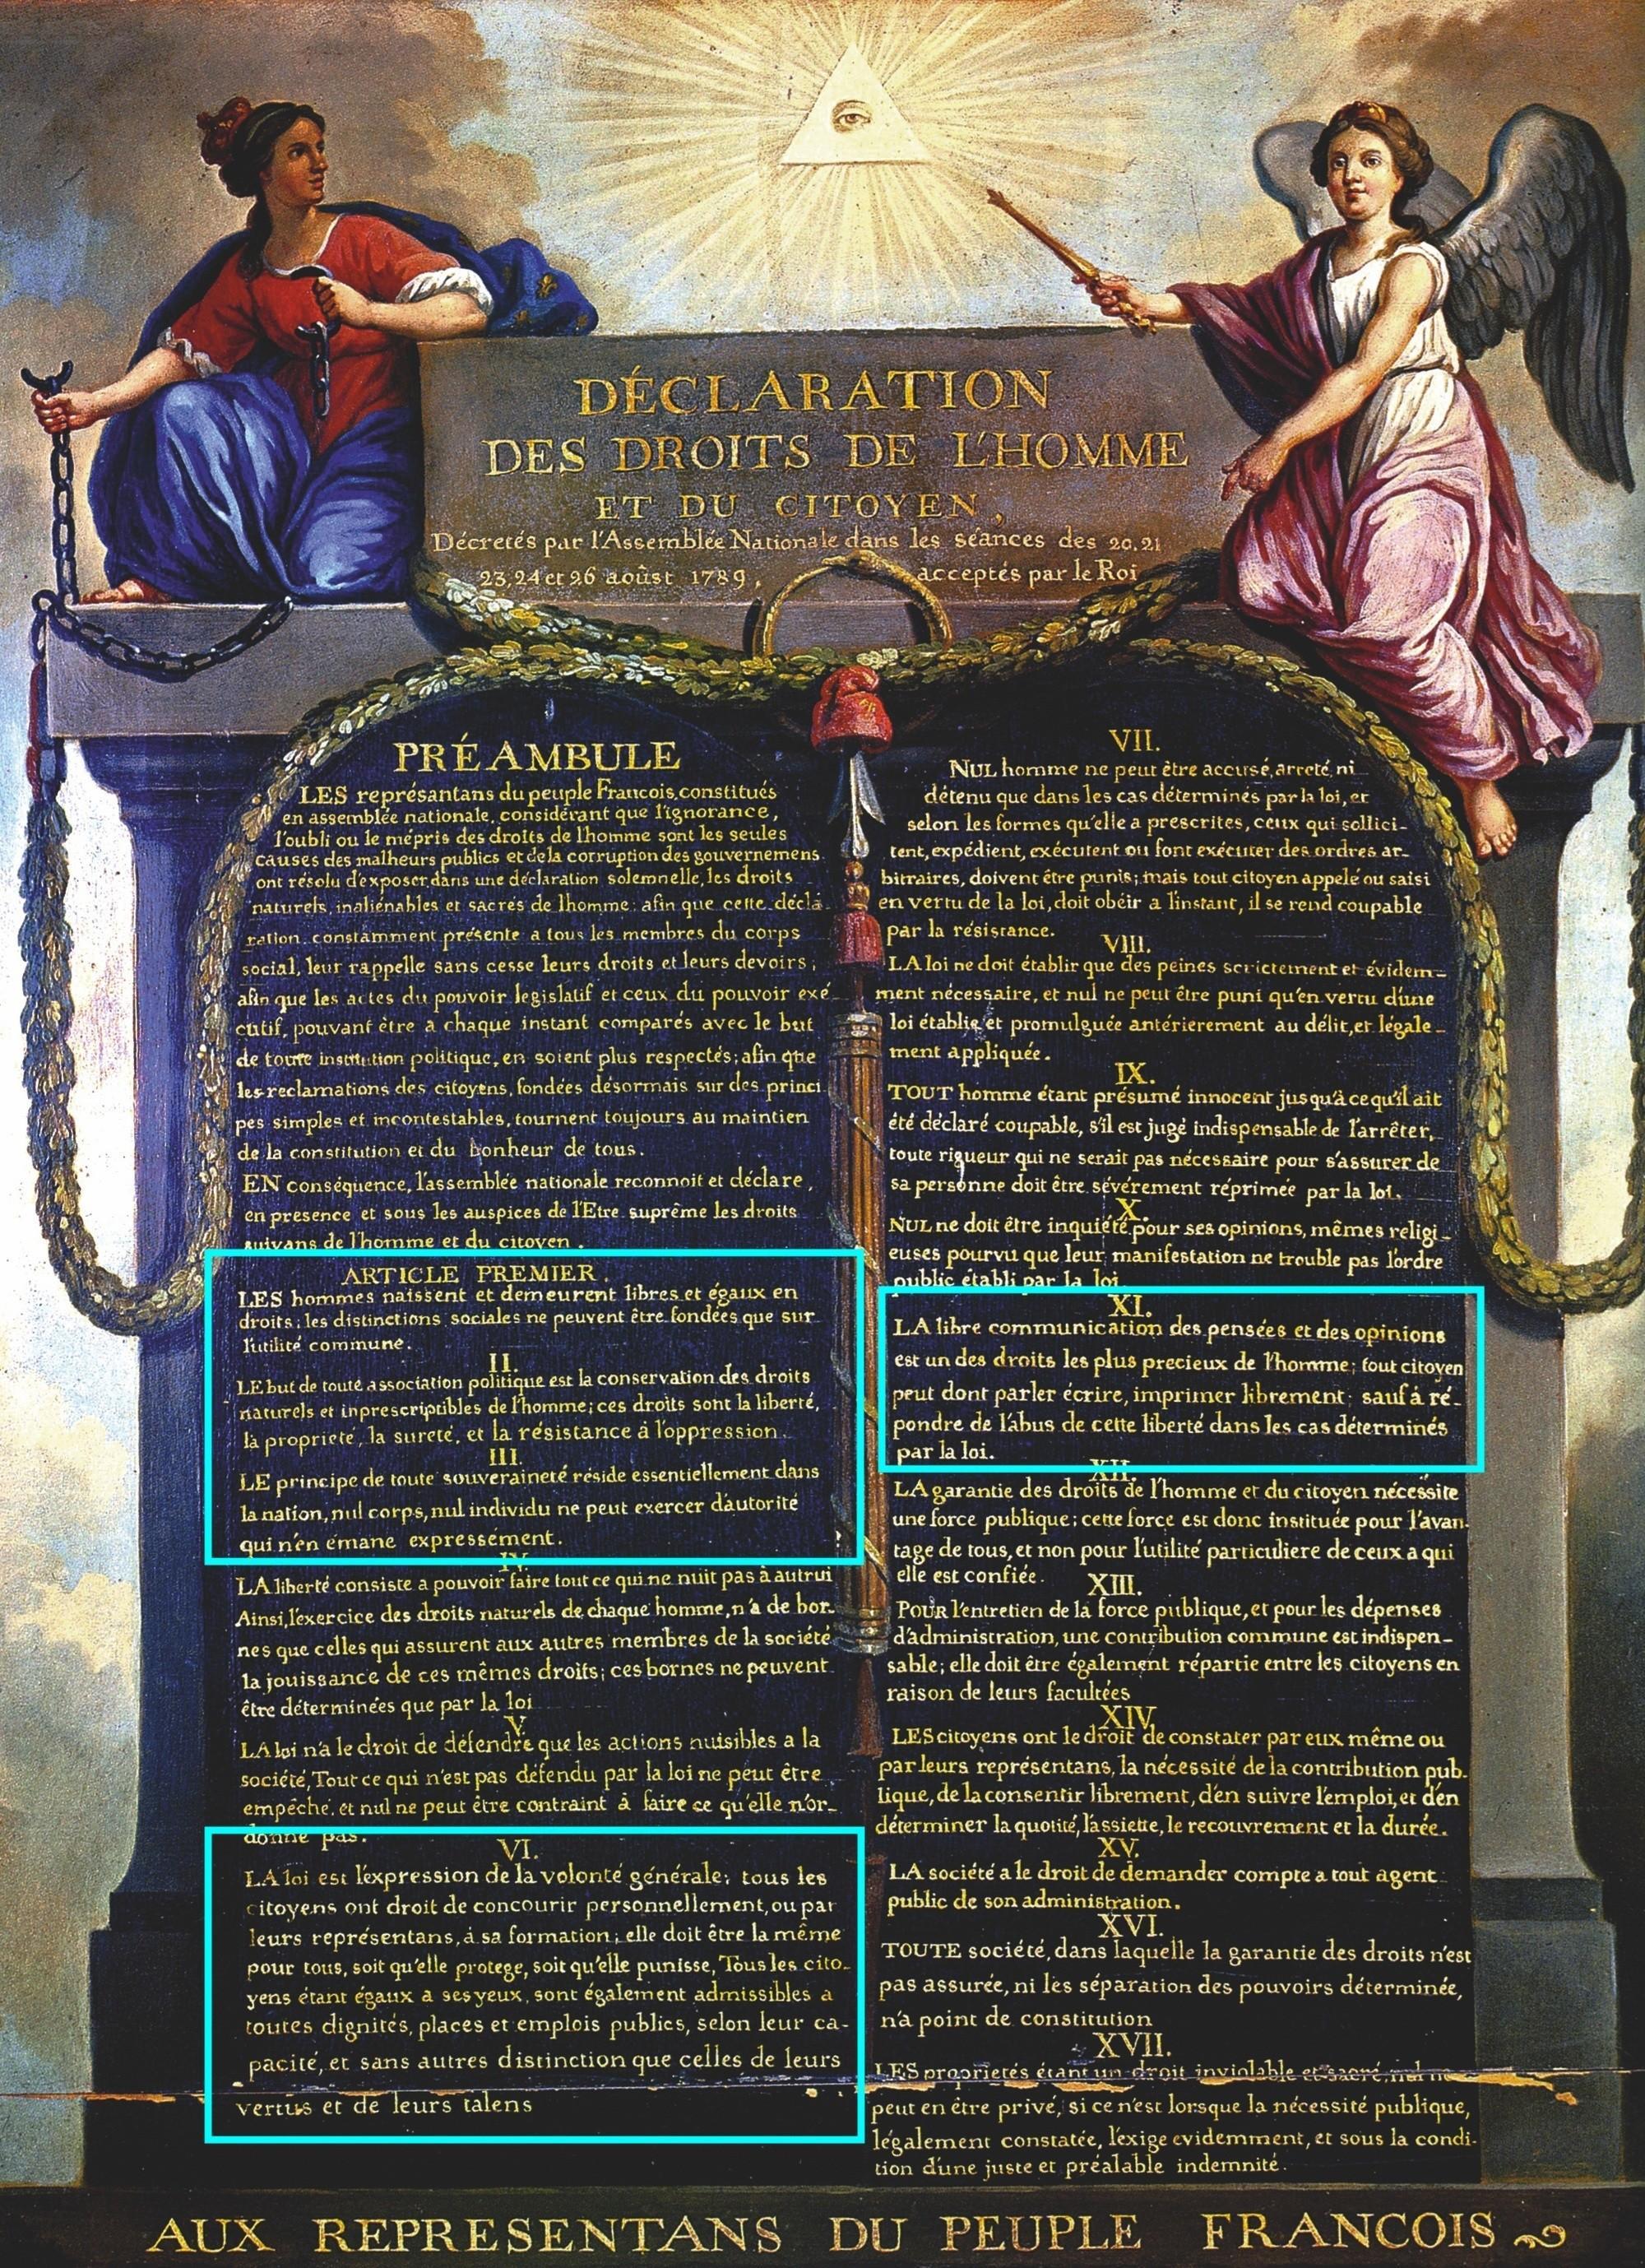 Représentation de la Déclaration des droits de l'homme et du citoyen de 1789